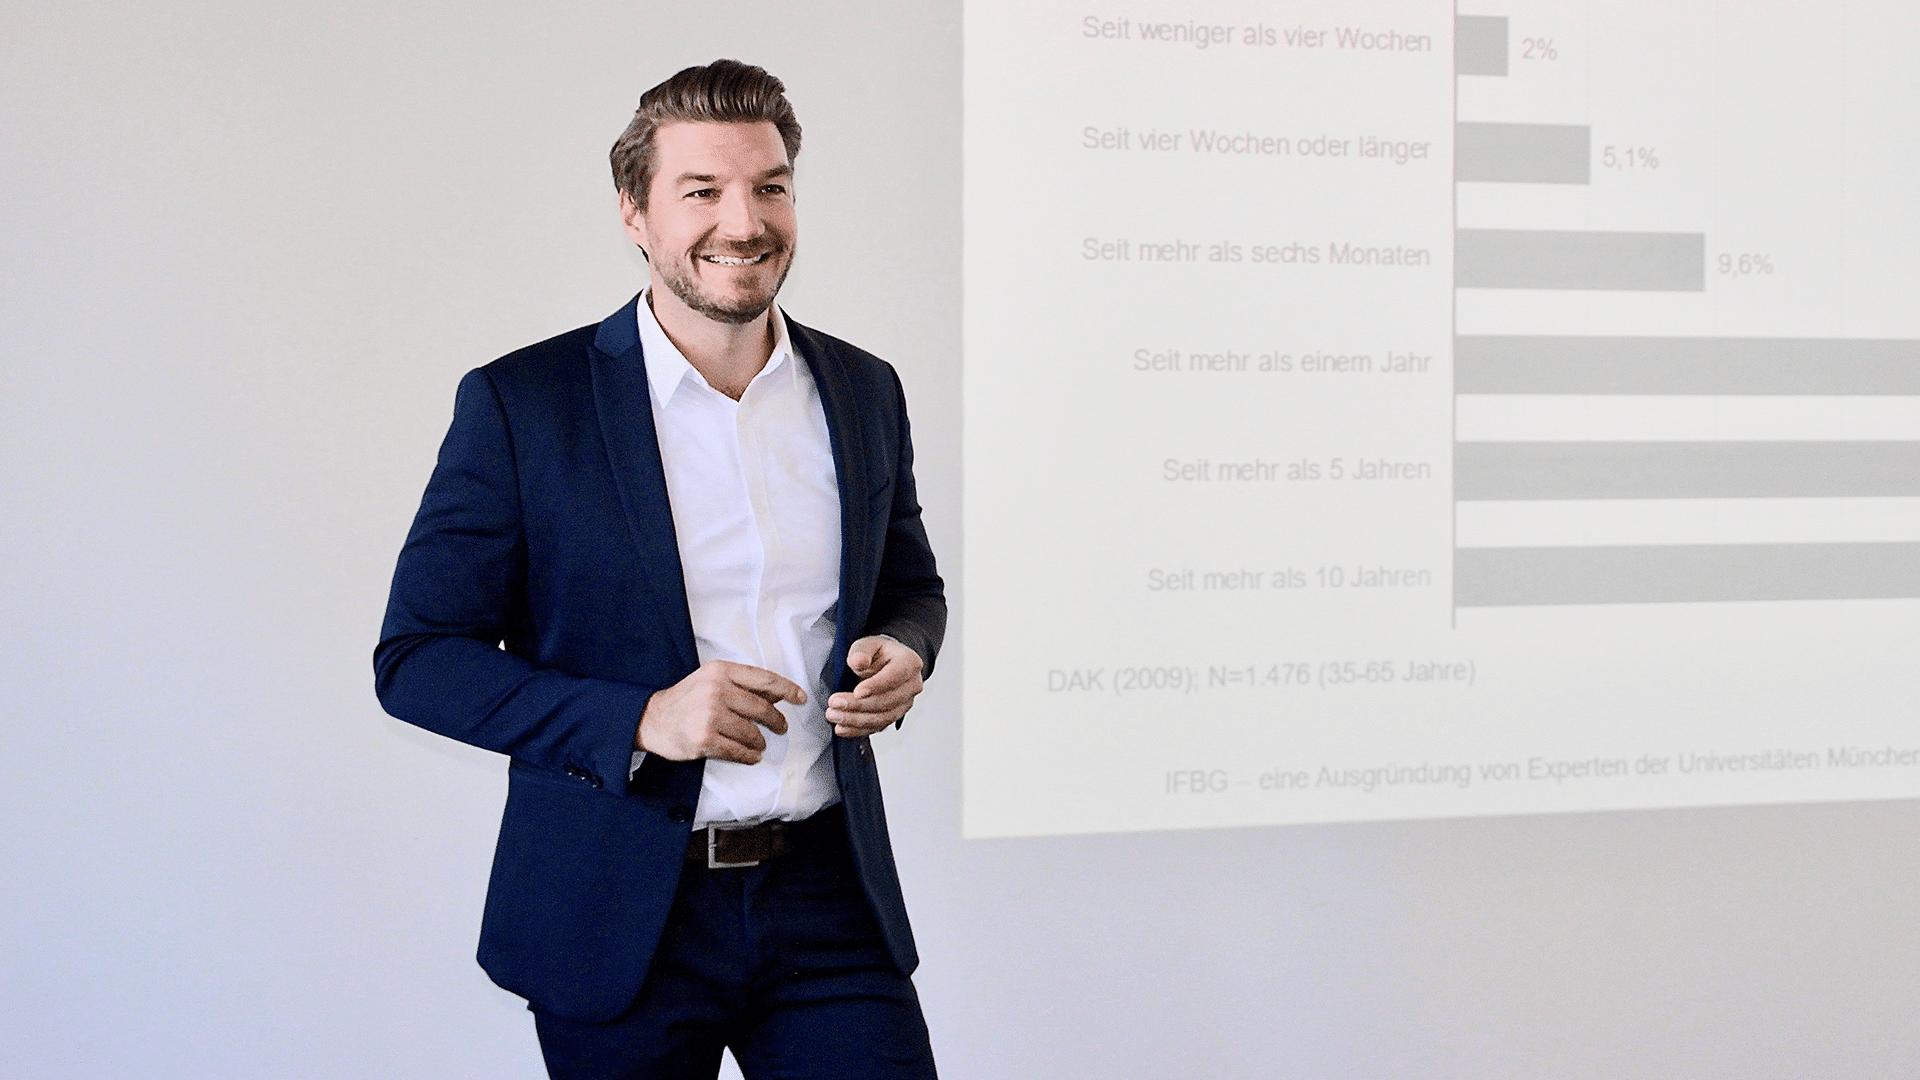 Dr. Fabian Krapf steht vor einer Wand, an der eine Grafik angezeigt wird